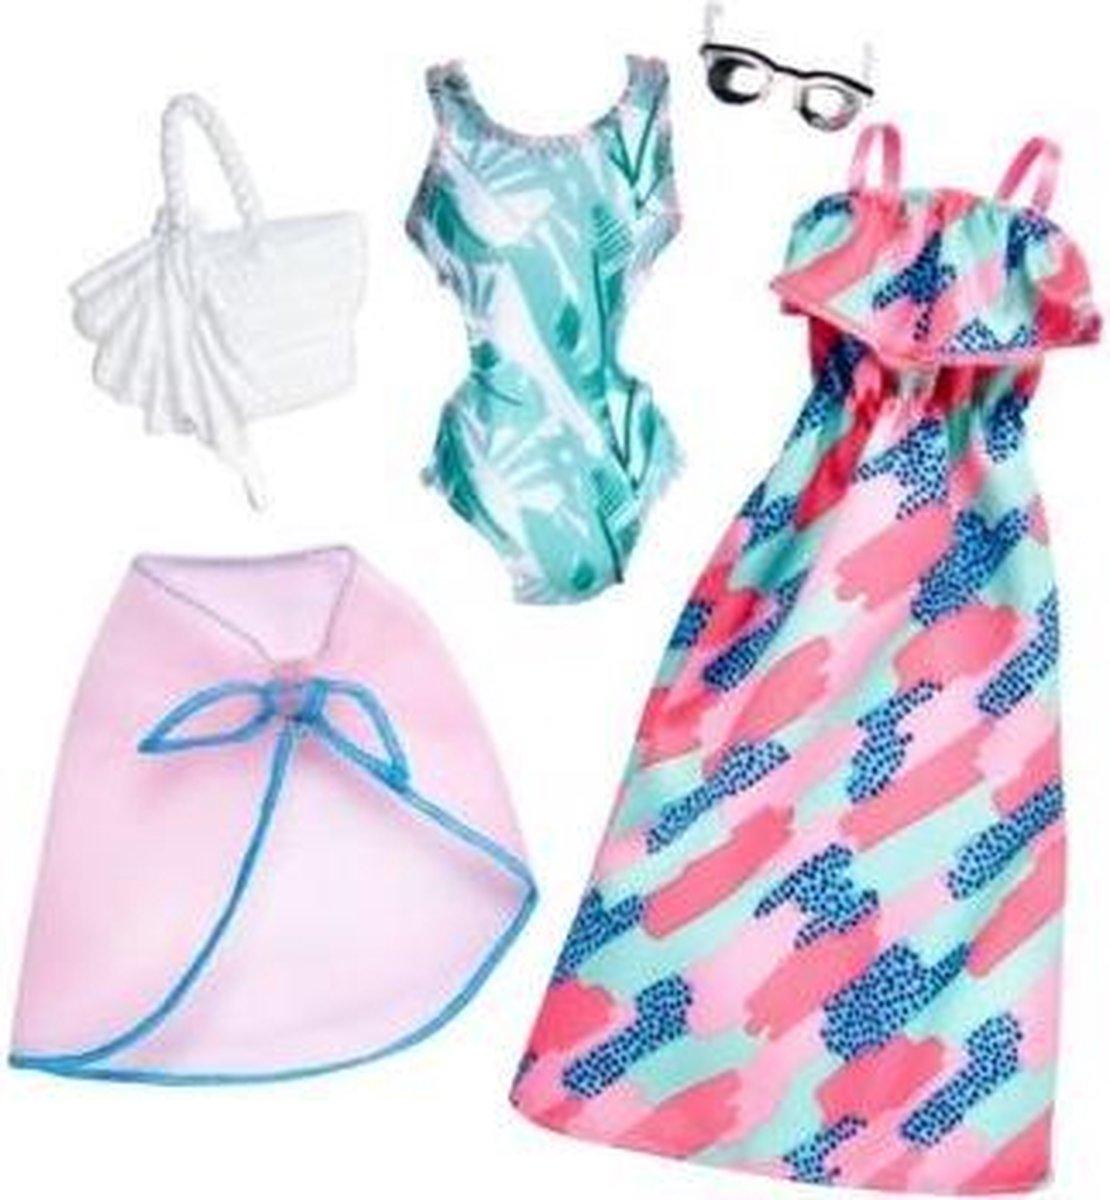 Barbie Fashions 2-Pack Poppenkledingset - Barbie